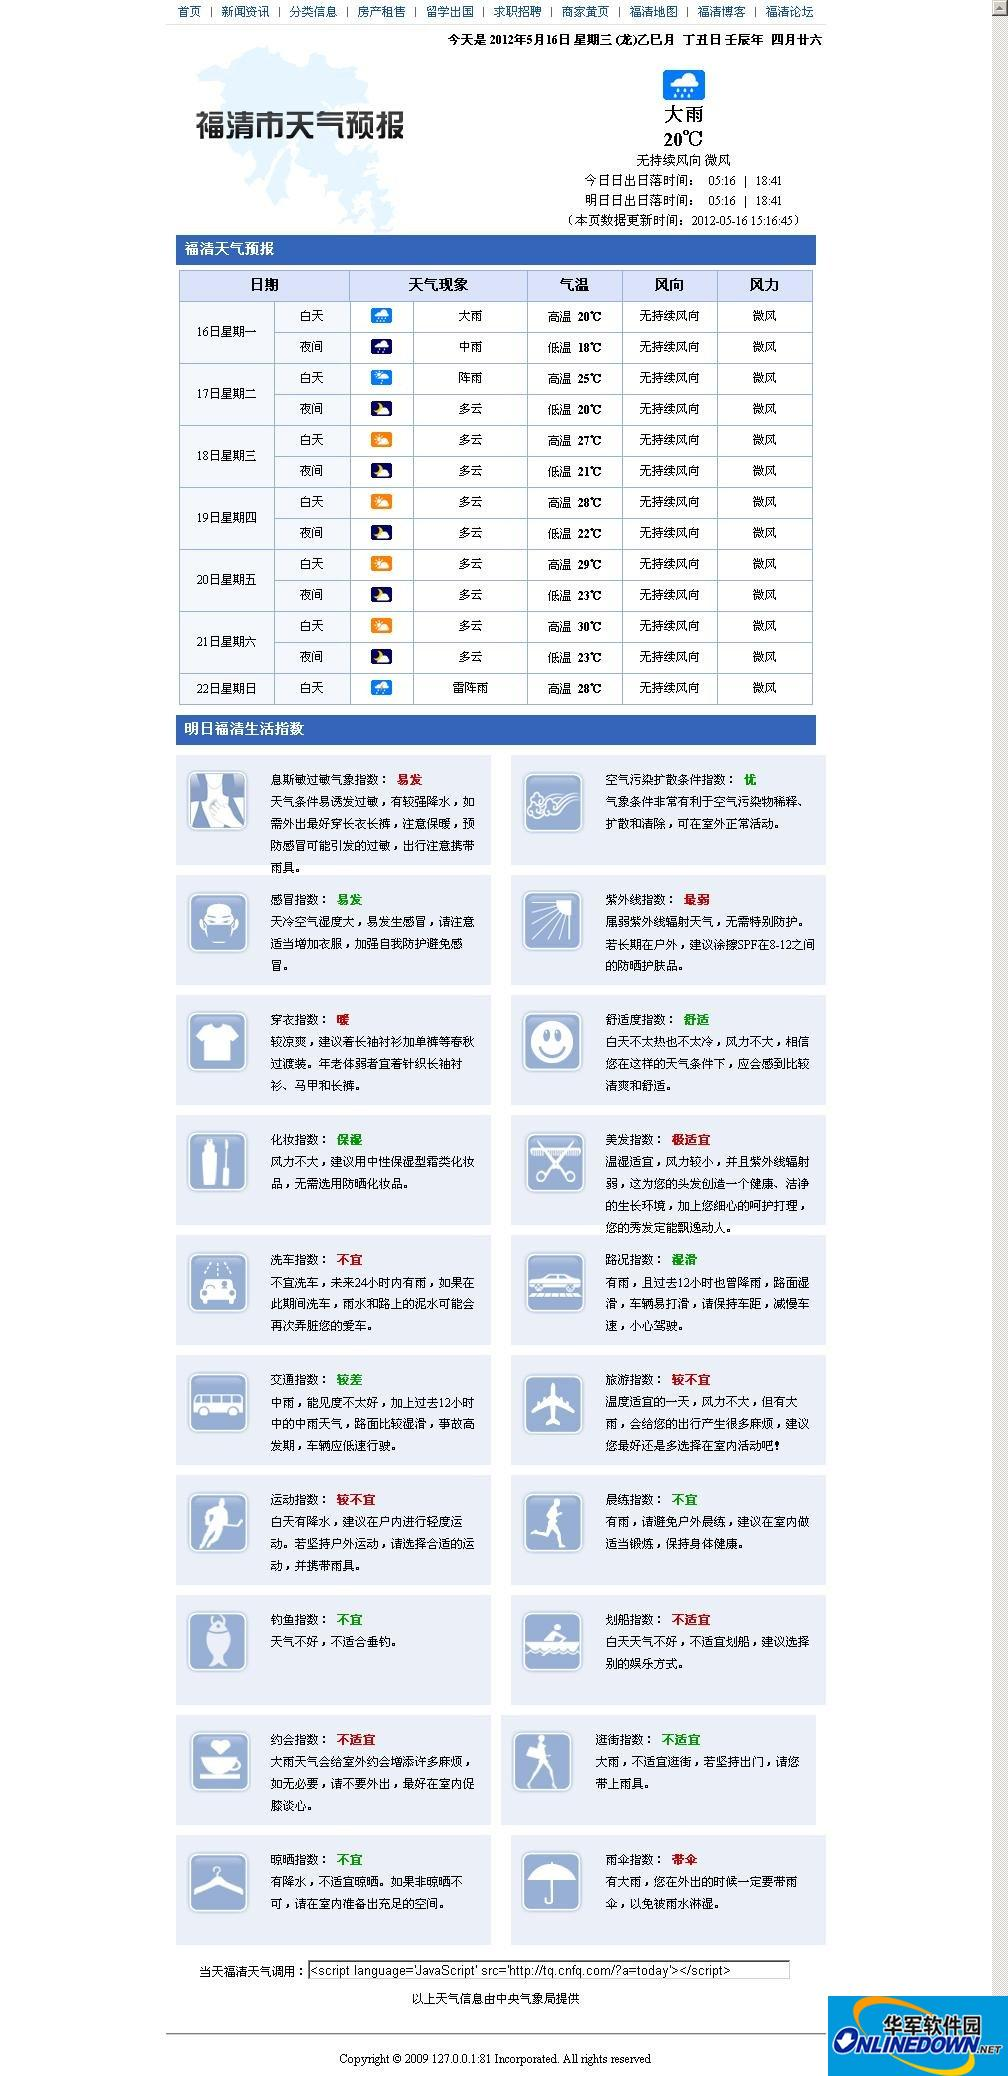 福清网天气预报程序源码 1.7